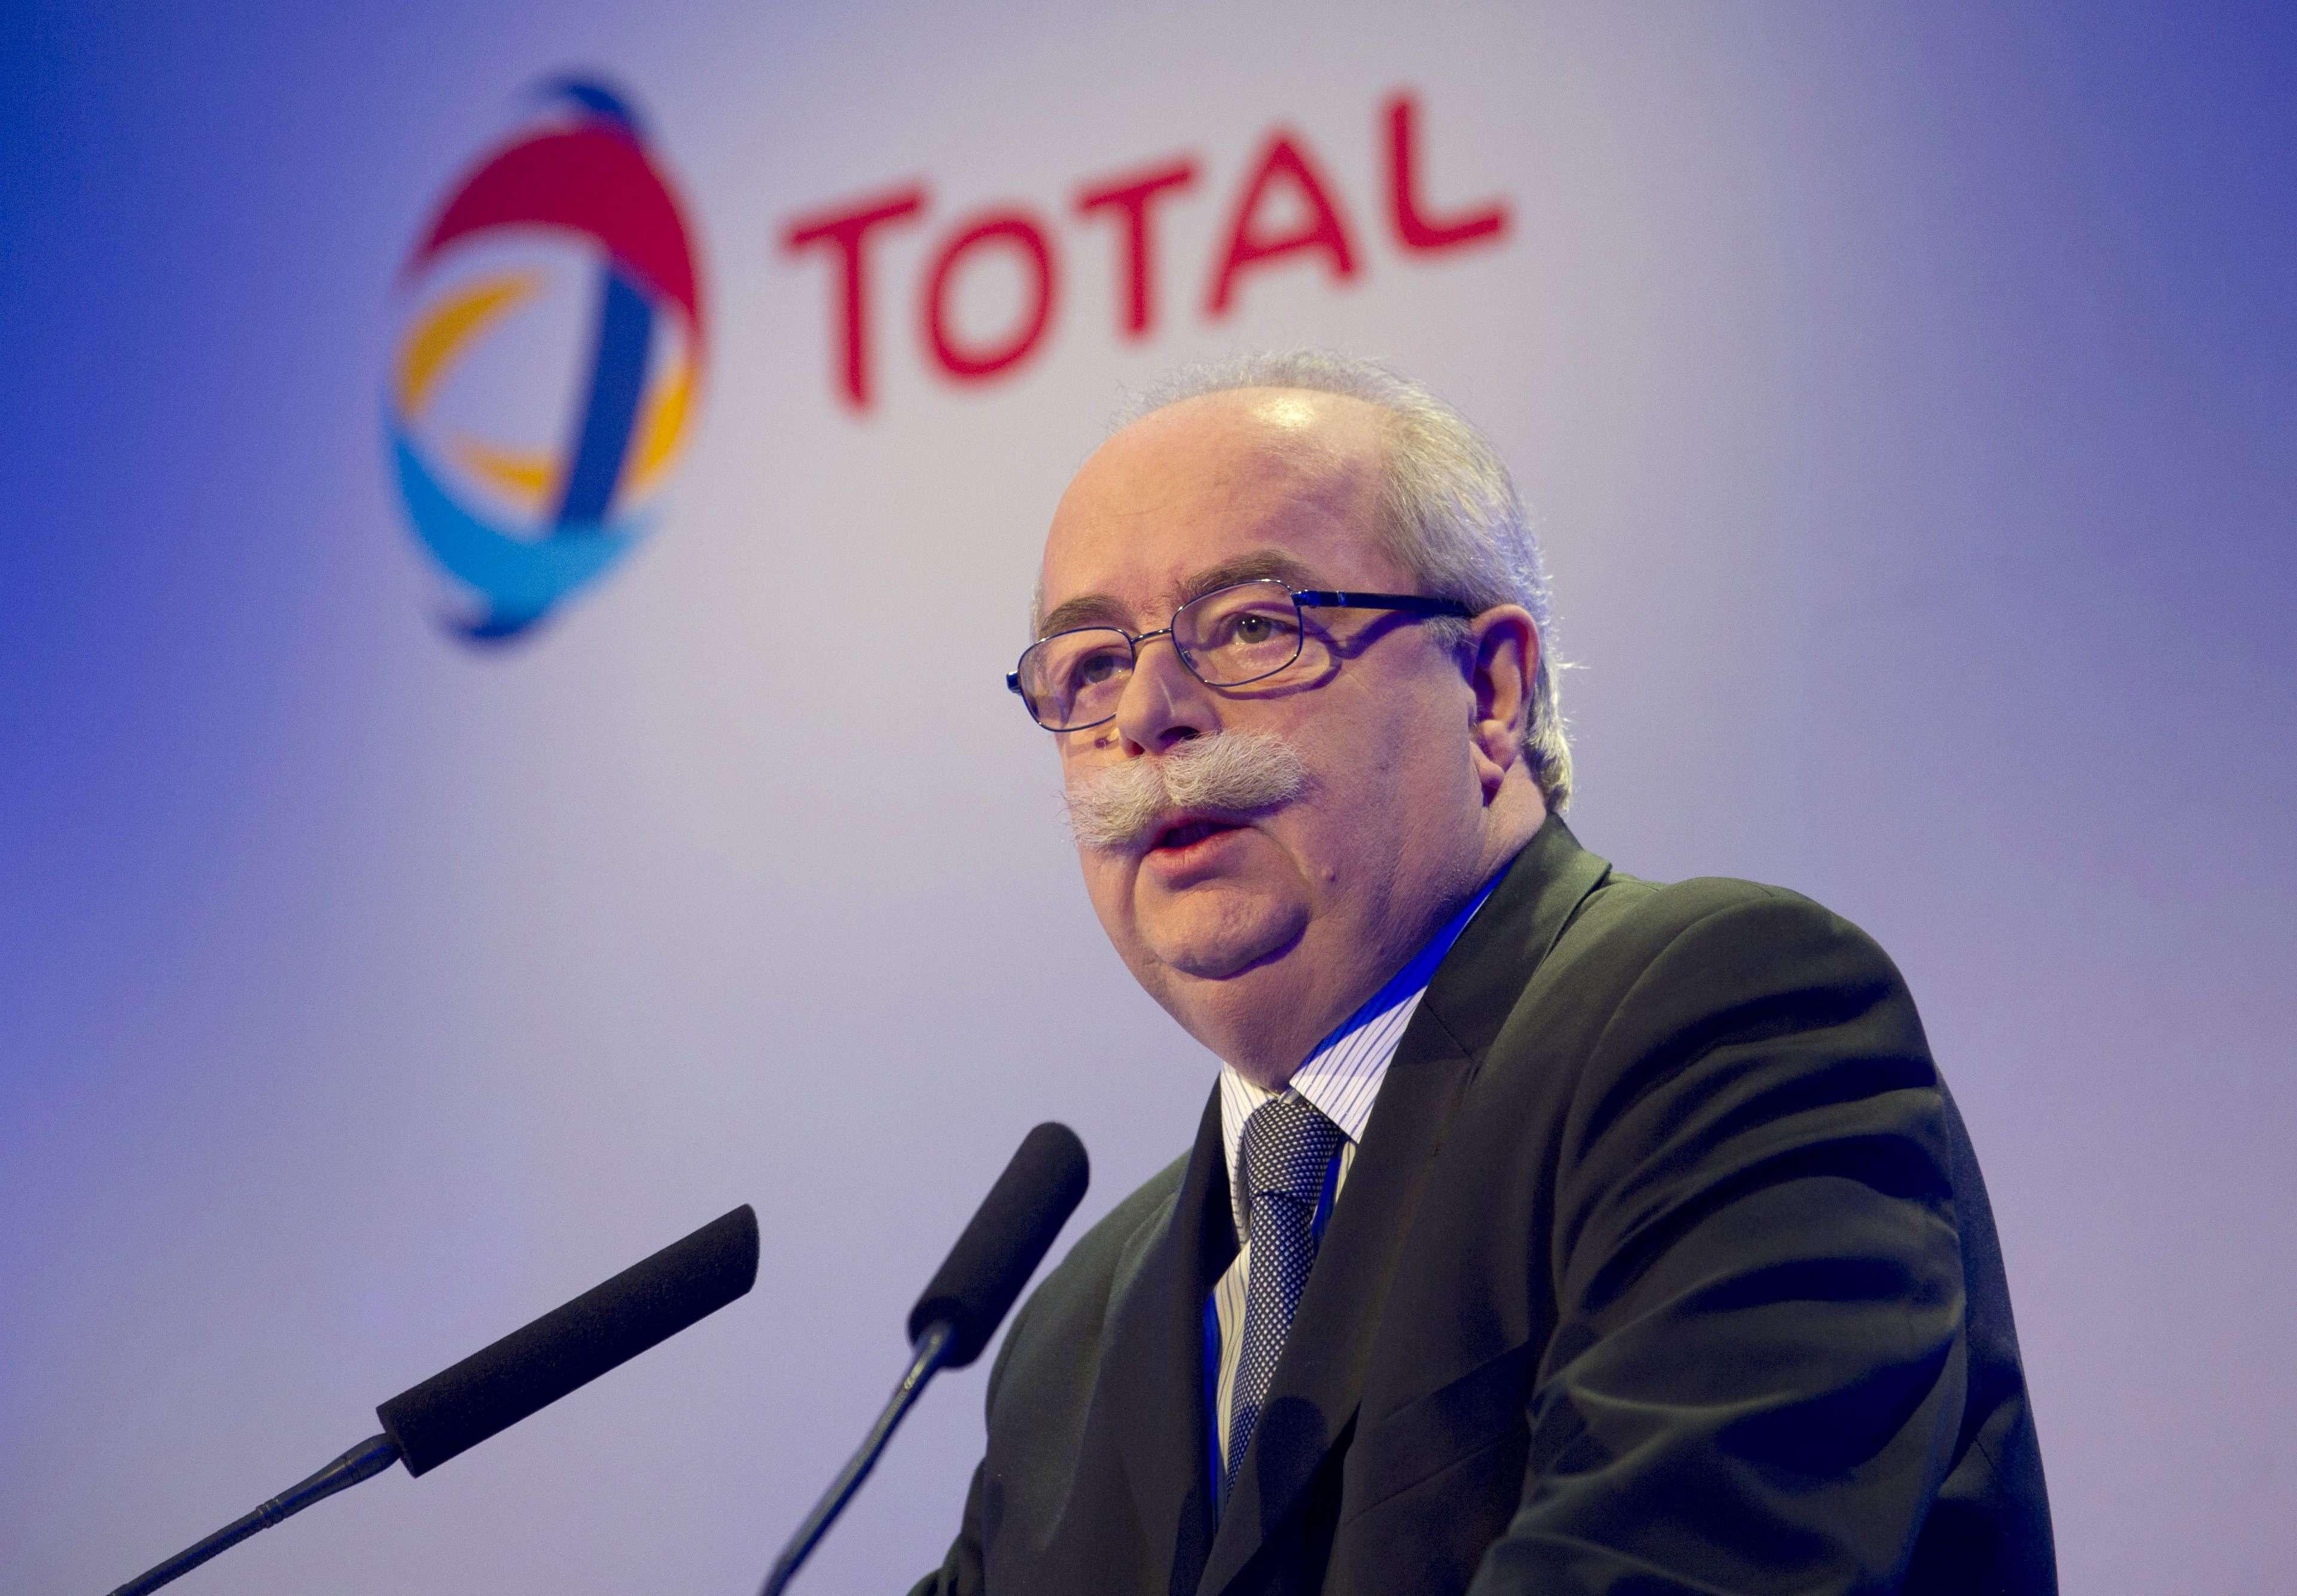 El director ejecutivo de la compañía francesa Total, Christophe de Margerie. Foto: EFE en español